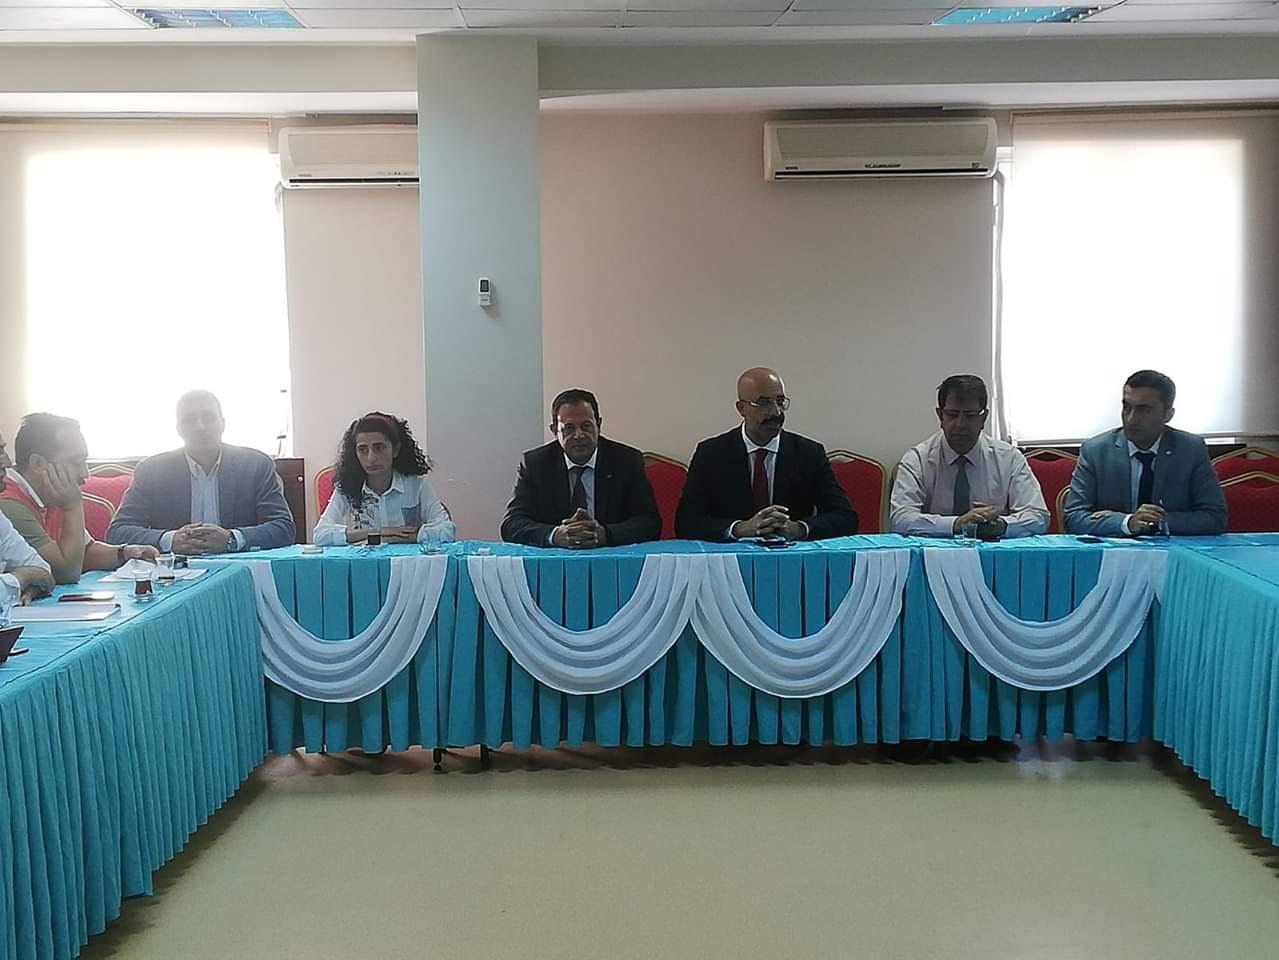 ASKOM (Acil Sağlık Hizmetleri Koordinasyon Komisyonu) toplantısı gerçekleştirilmiştir